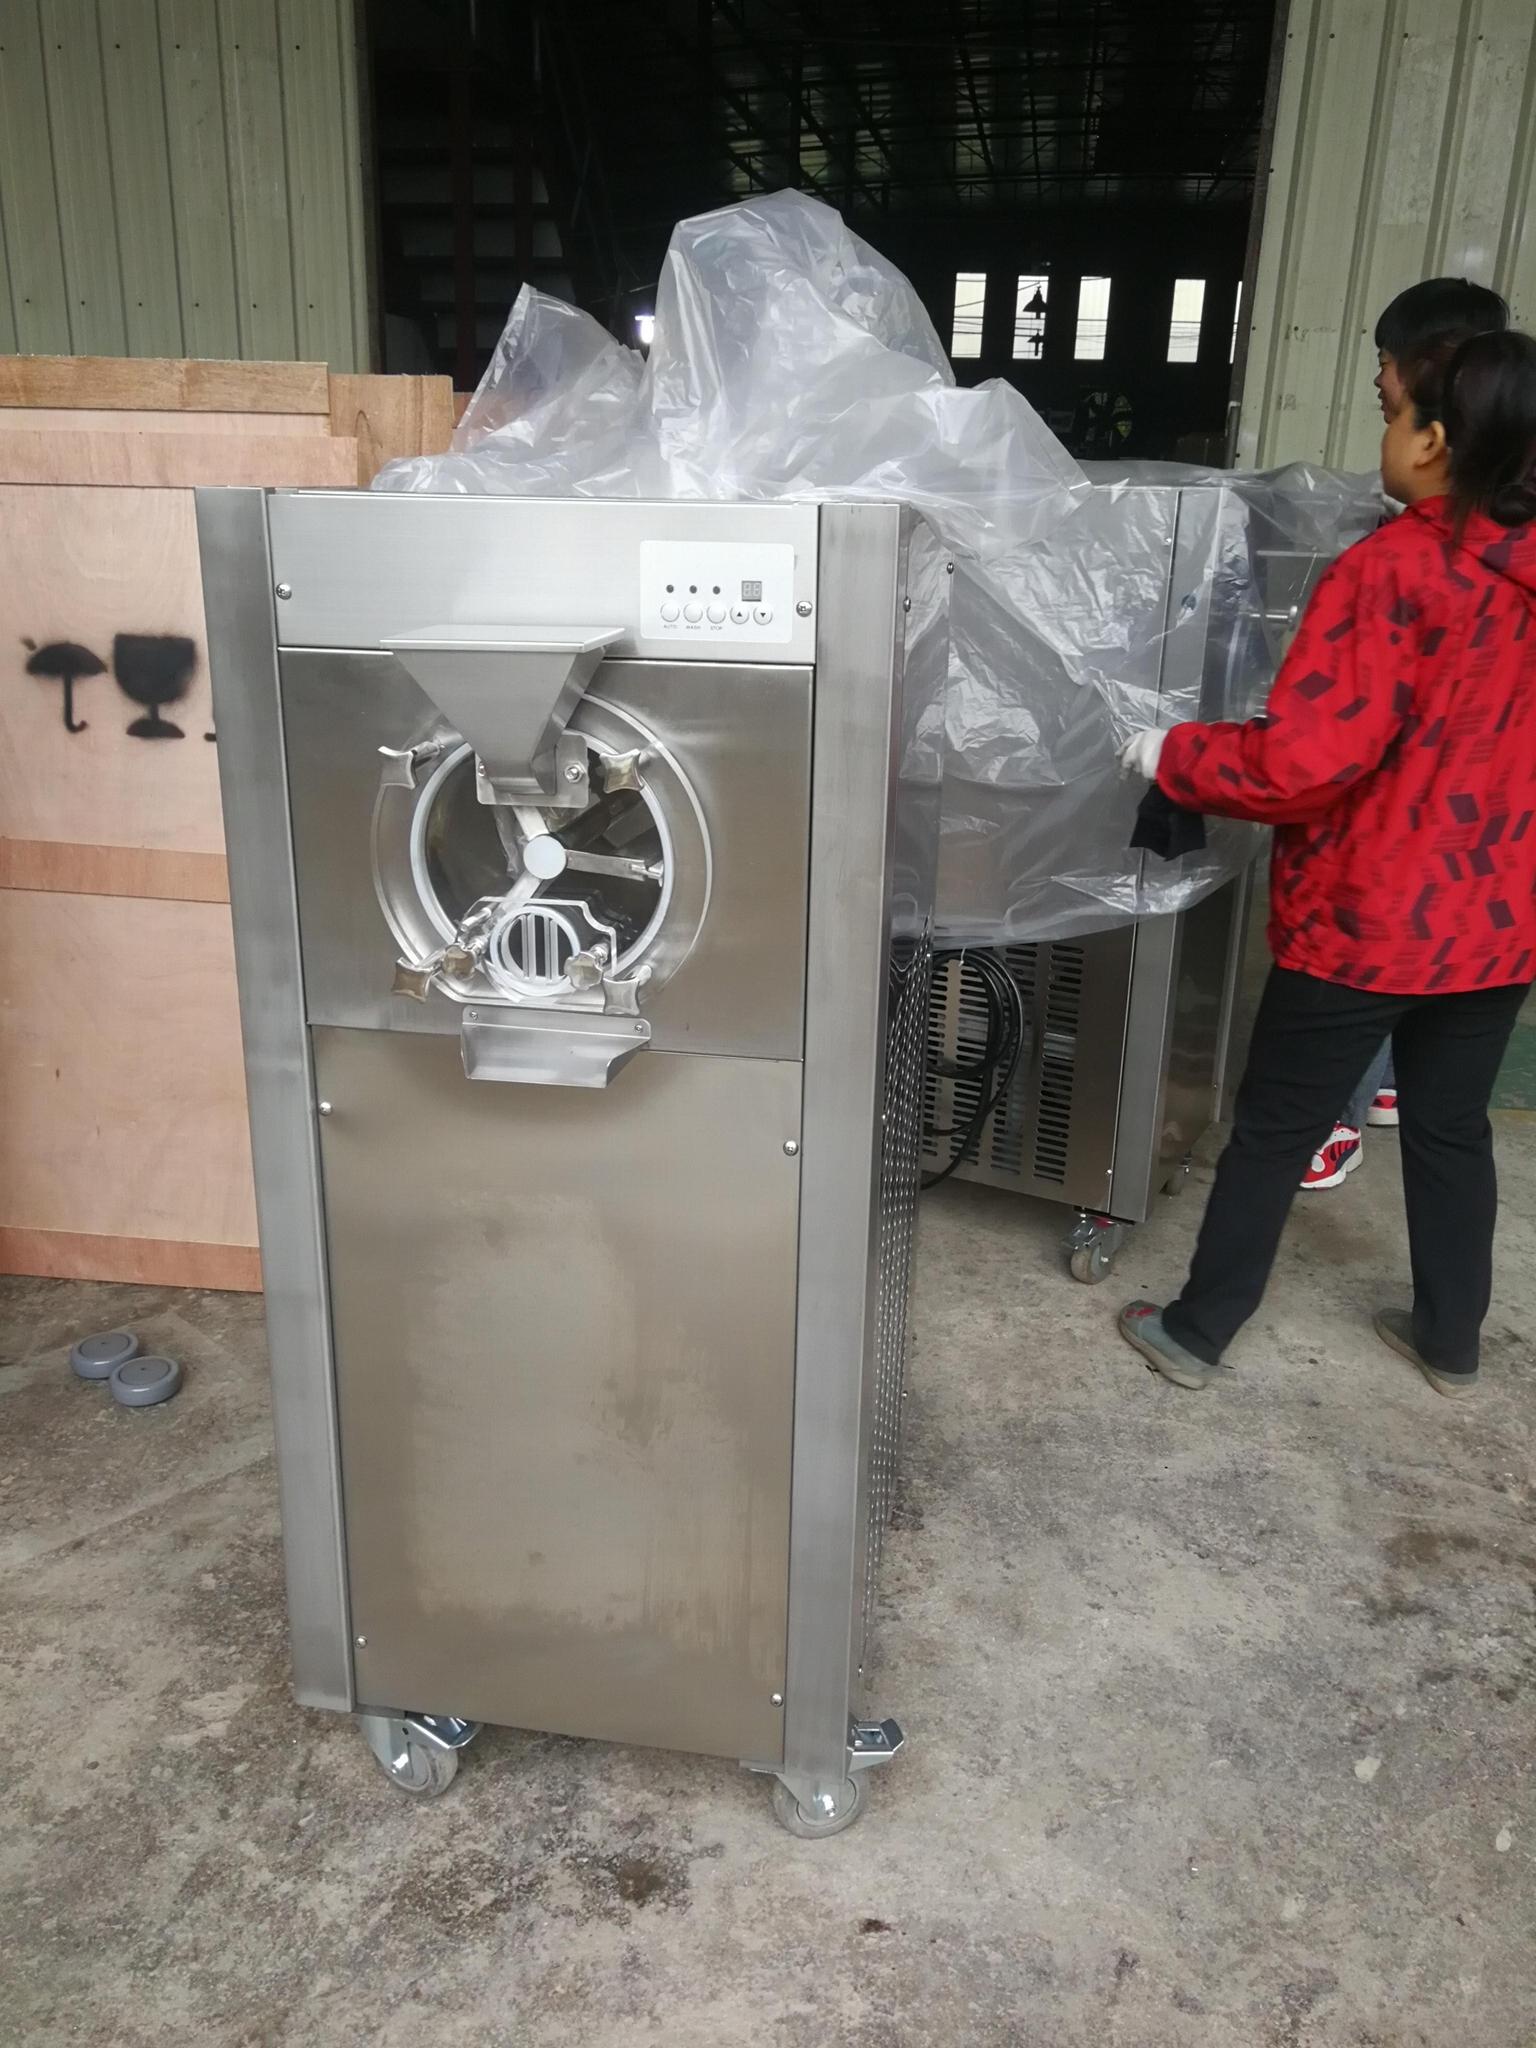 大产量硬冰淇淋机 硬质冰淇淋机器 商用硬冰机